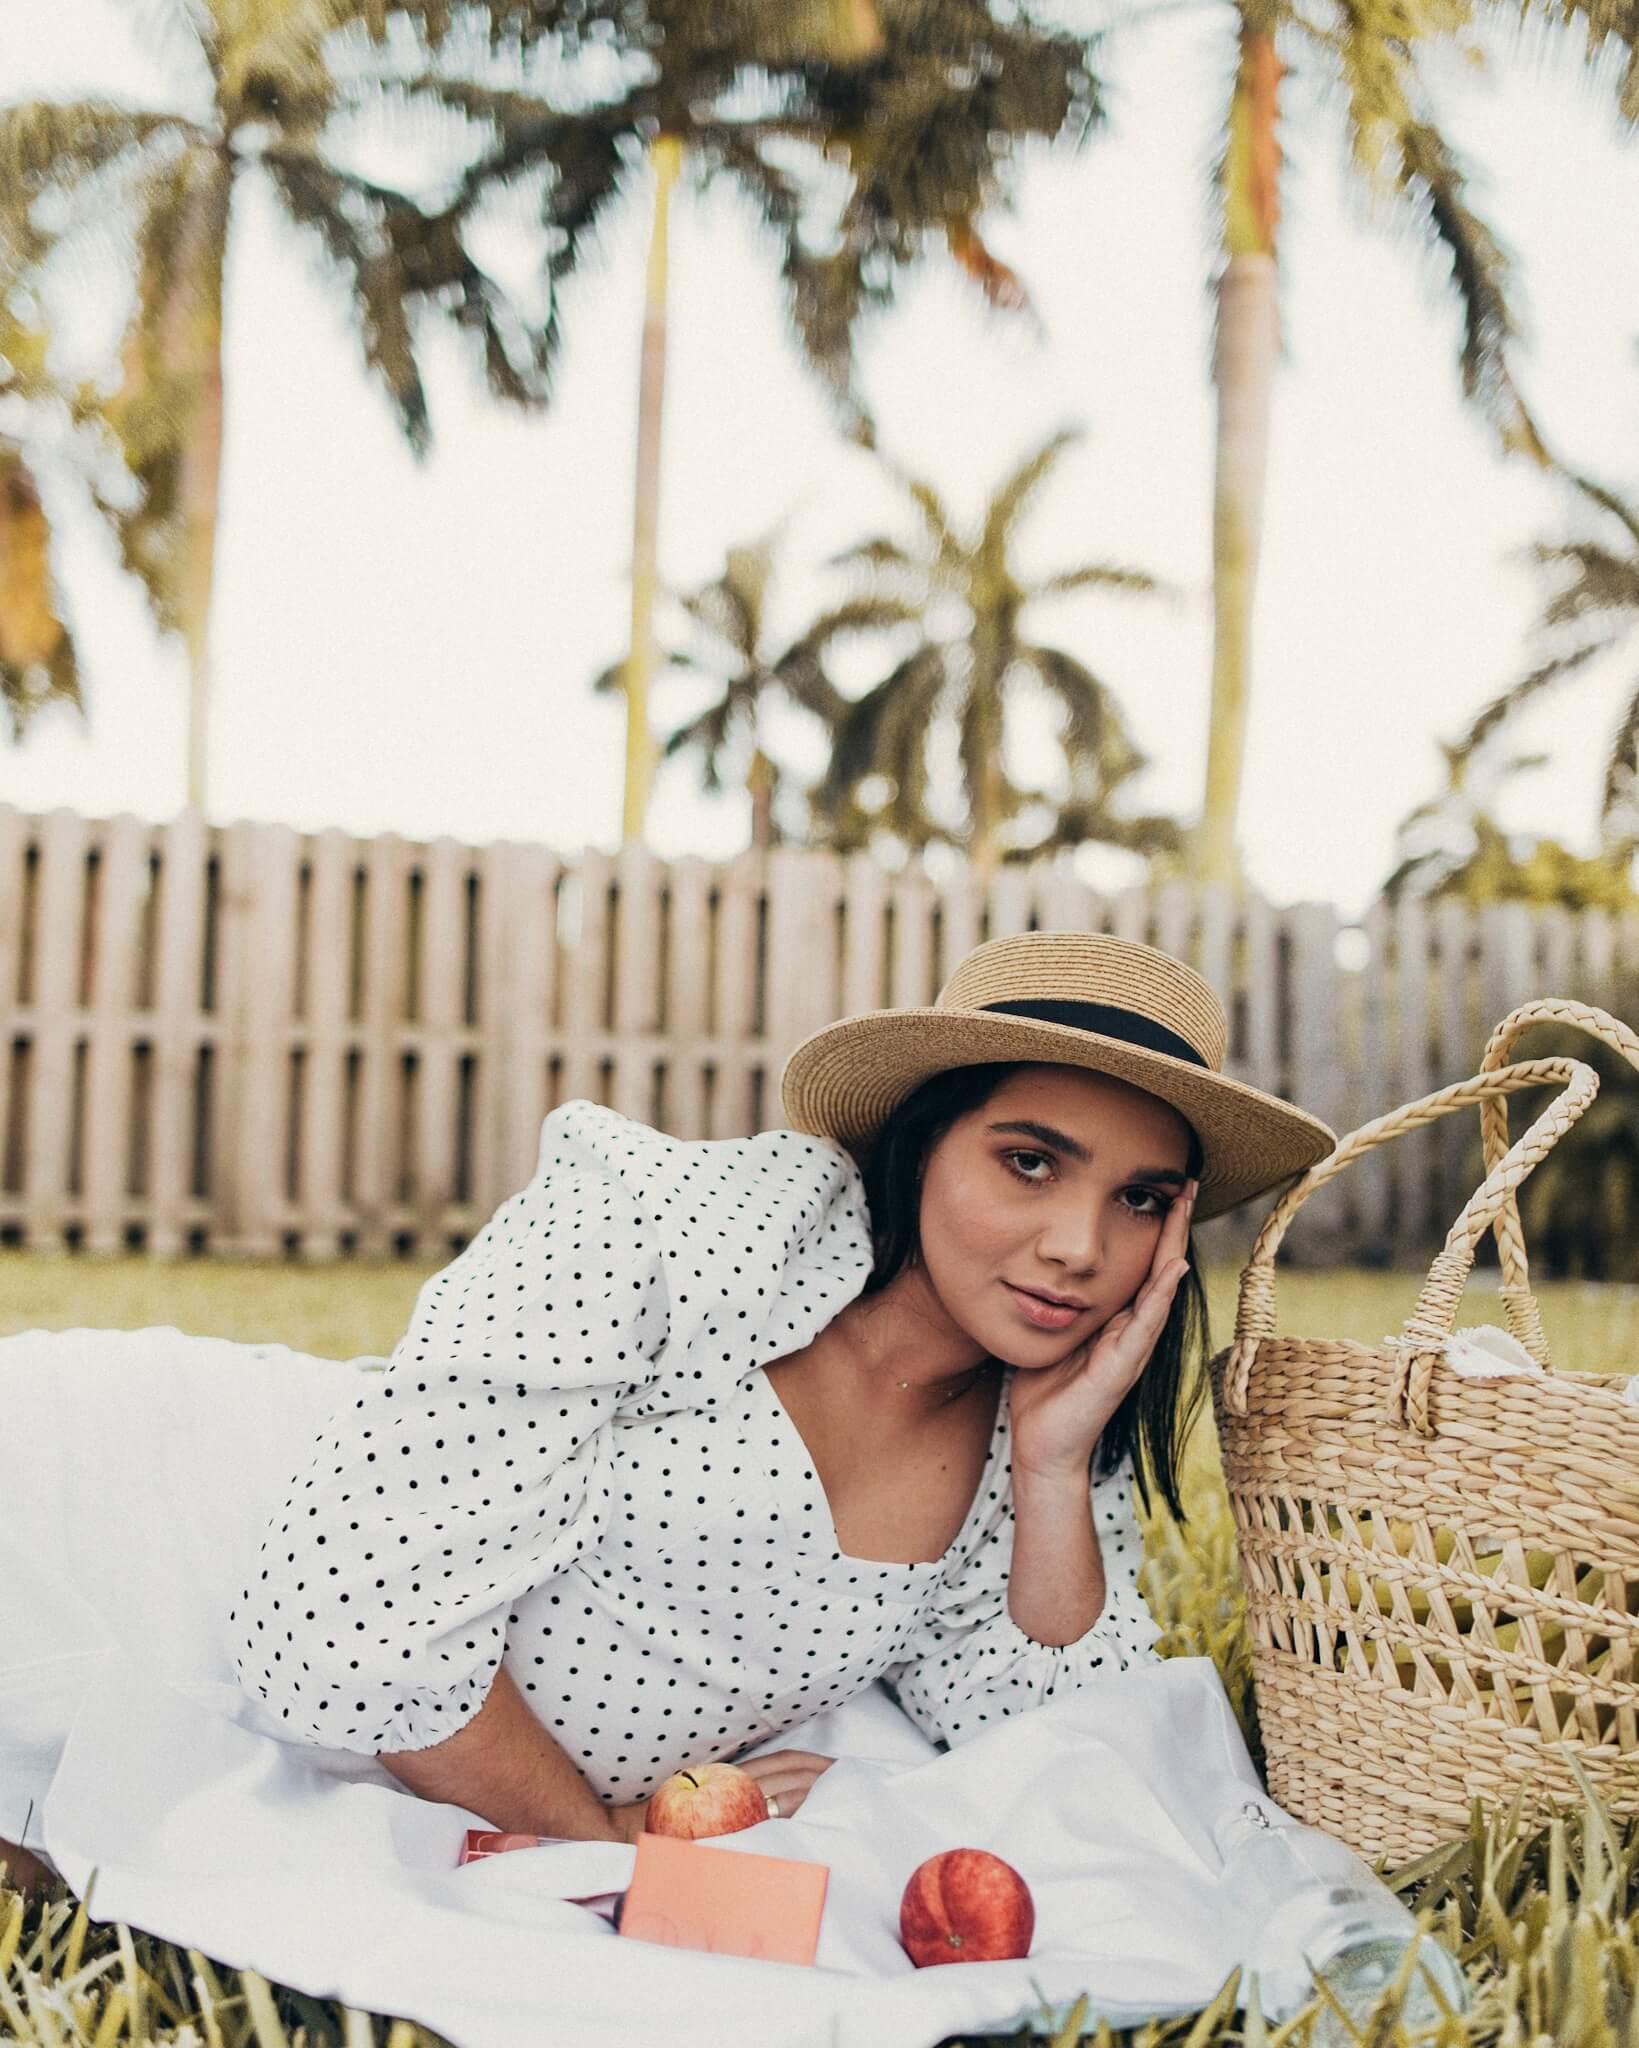 una pequeña manta como para utilizarla de mantel, saque unas manzanas una canasta para llevar bananas, flores y mis productos favoritos que no pueden faltar este verano, y disfrutar del picnic